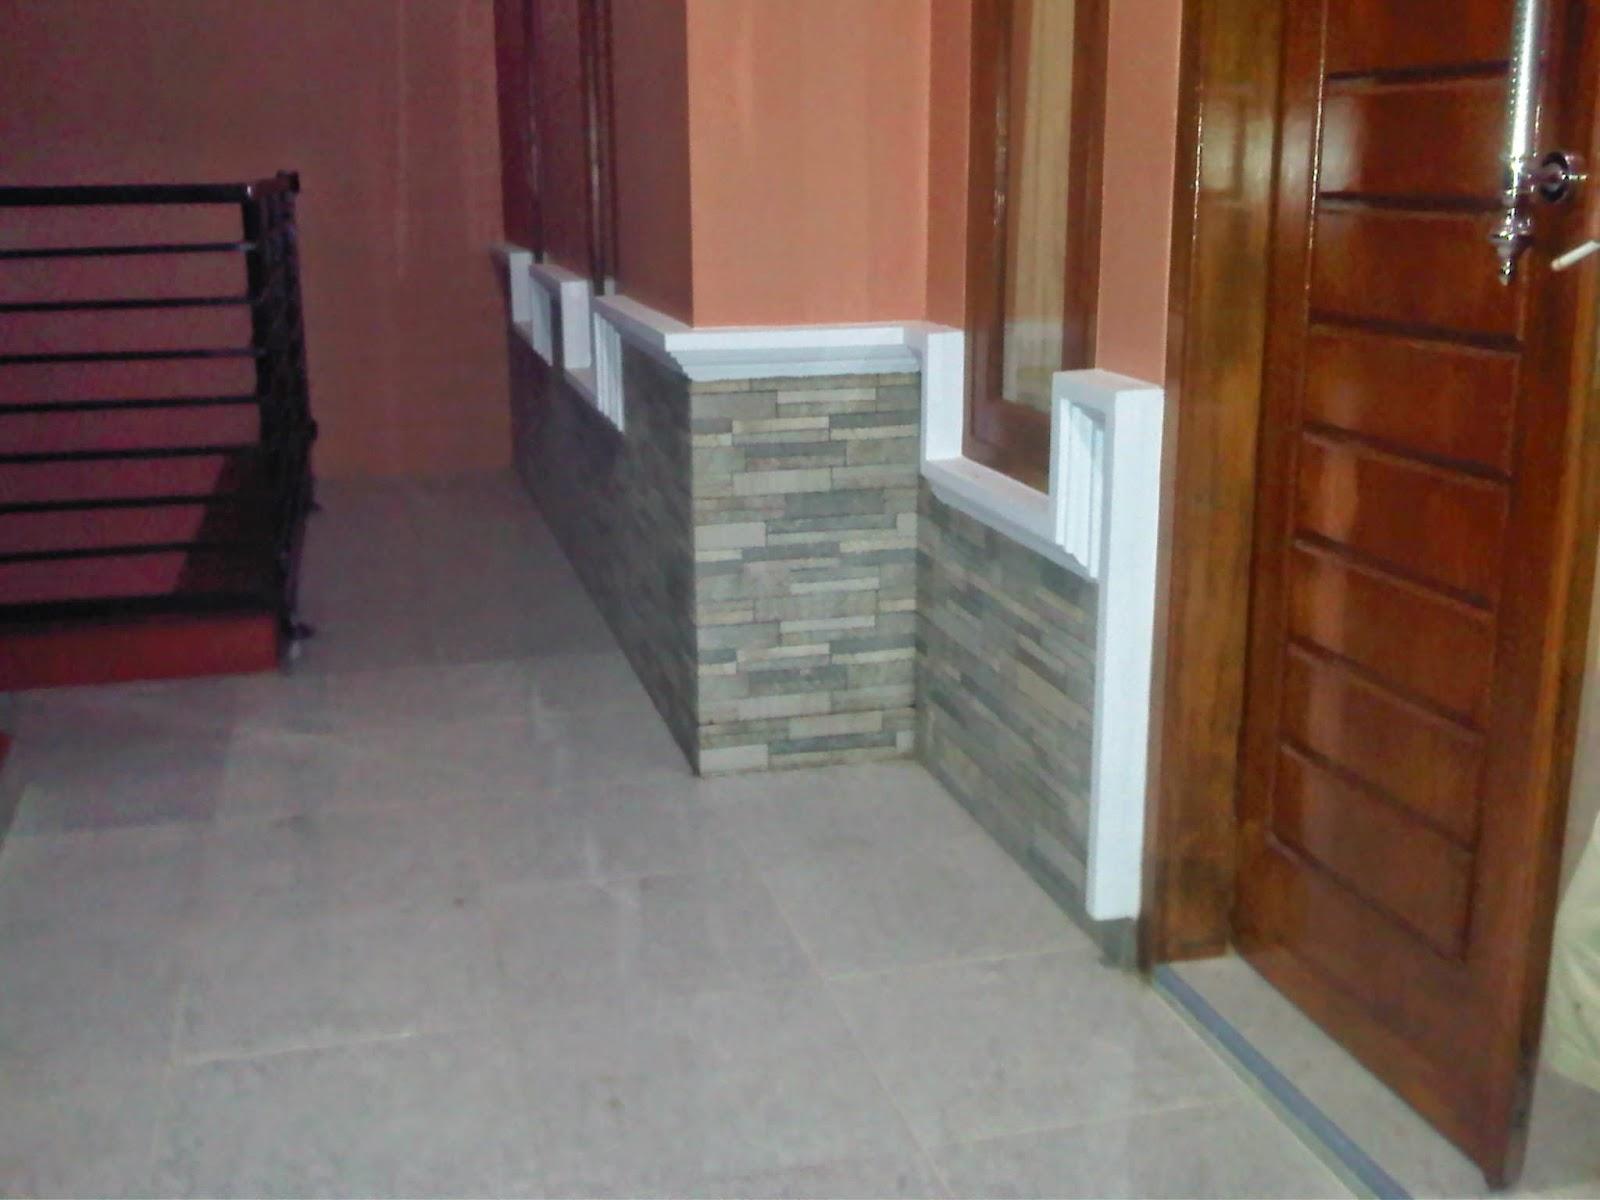 Beranda Bungalow Lantai Atas Pondok Alin - http://pantaiku-ini.blogspot.com/2014/10/detaiil-pondok-alin.html